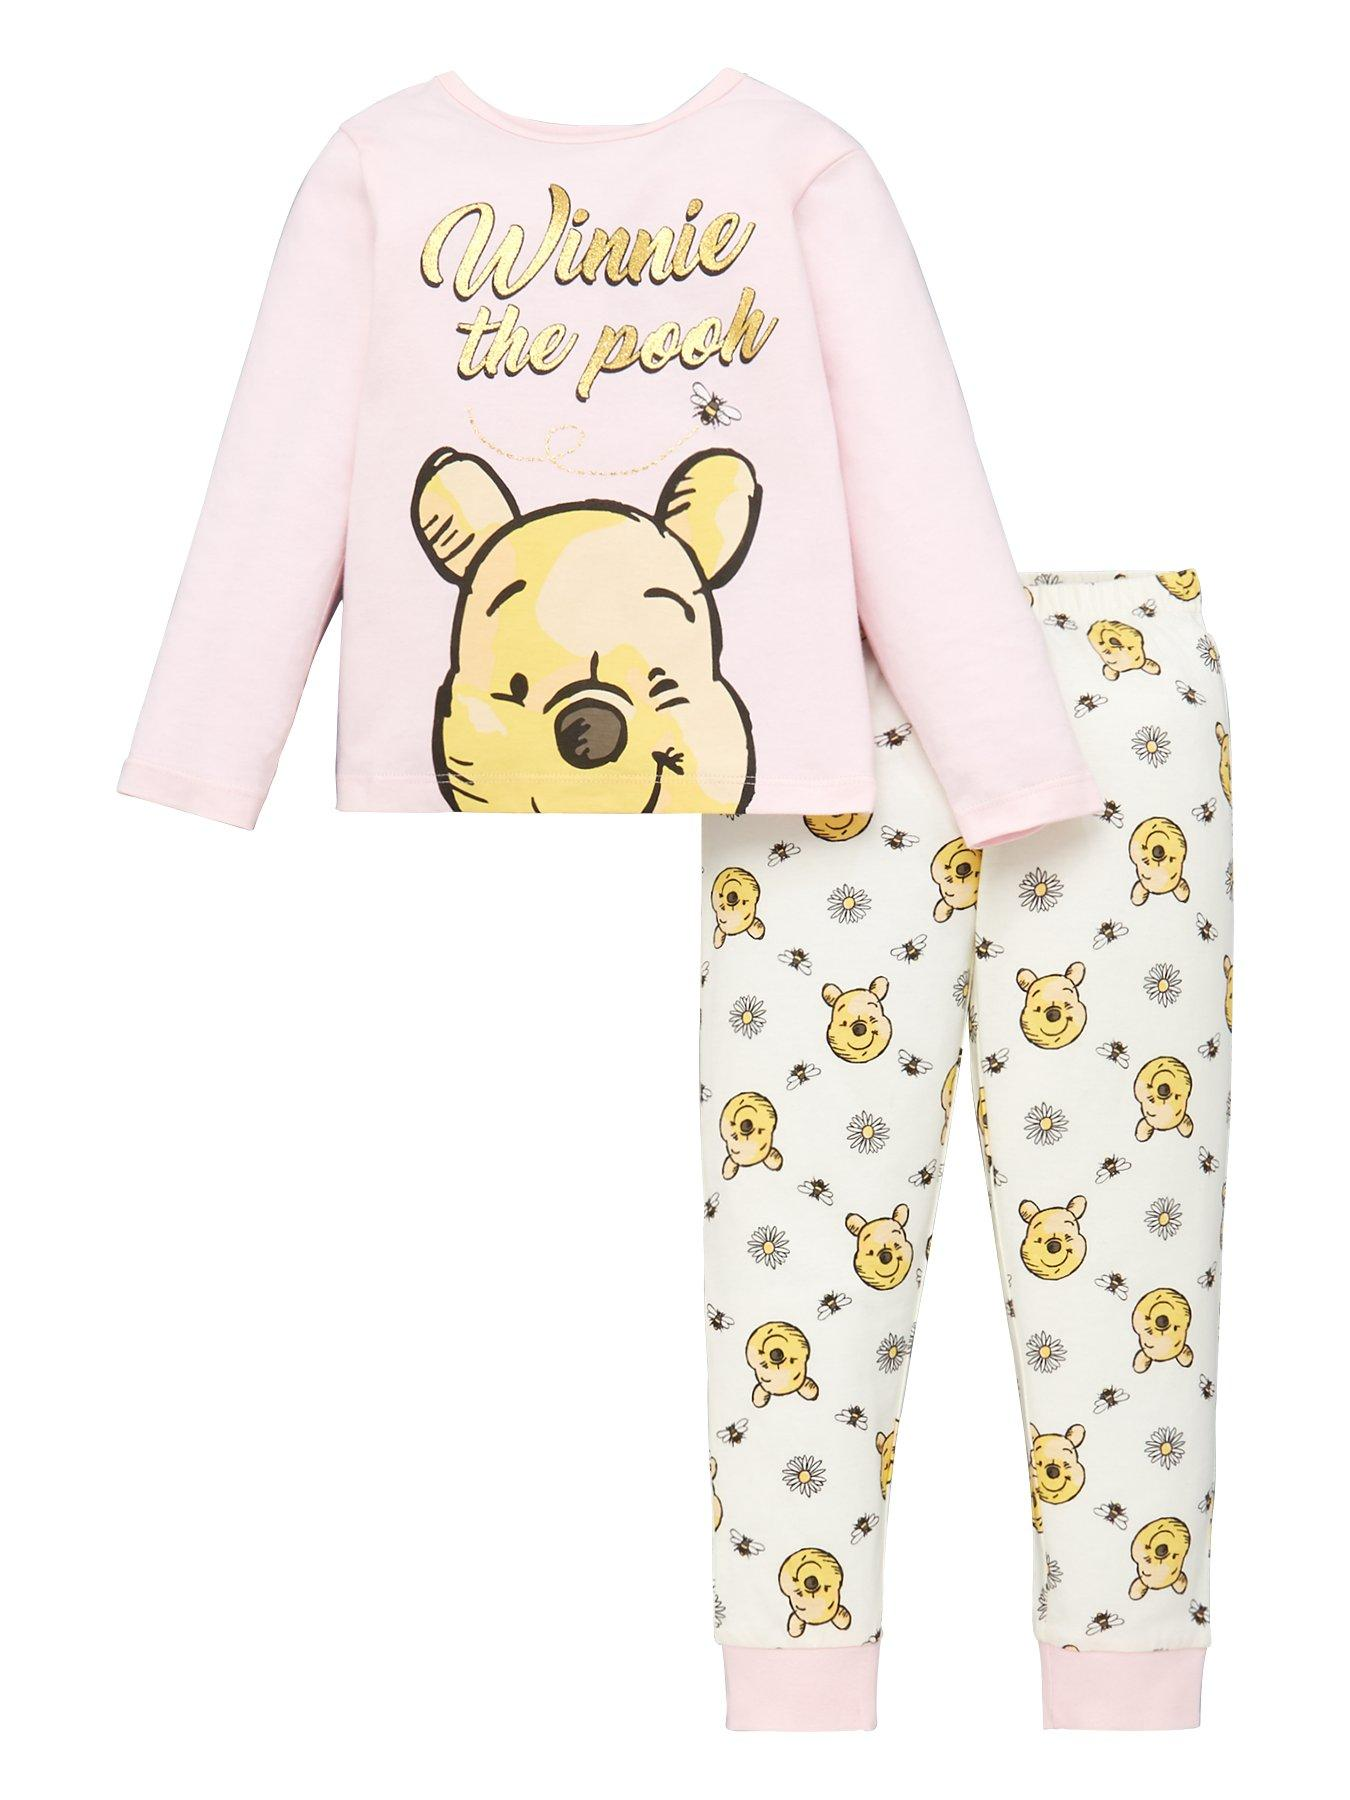 Girls Kid Nightie Nightdress Moana Sofia Dress Sleepwear Pyjamas Age 2-13Y UK